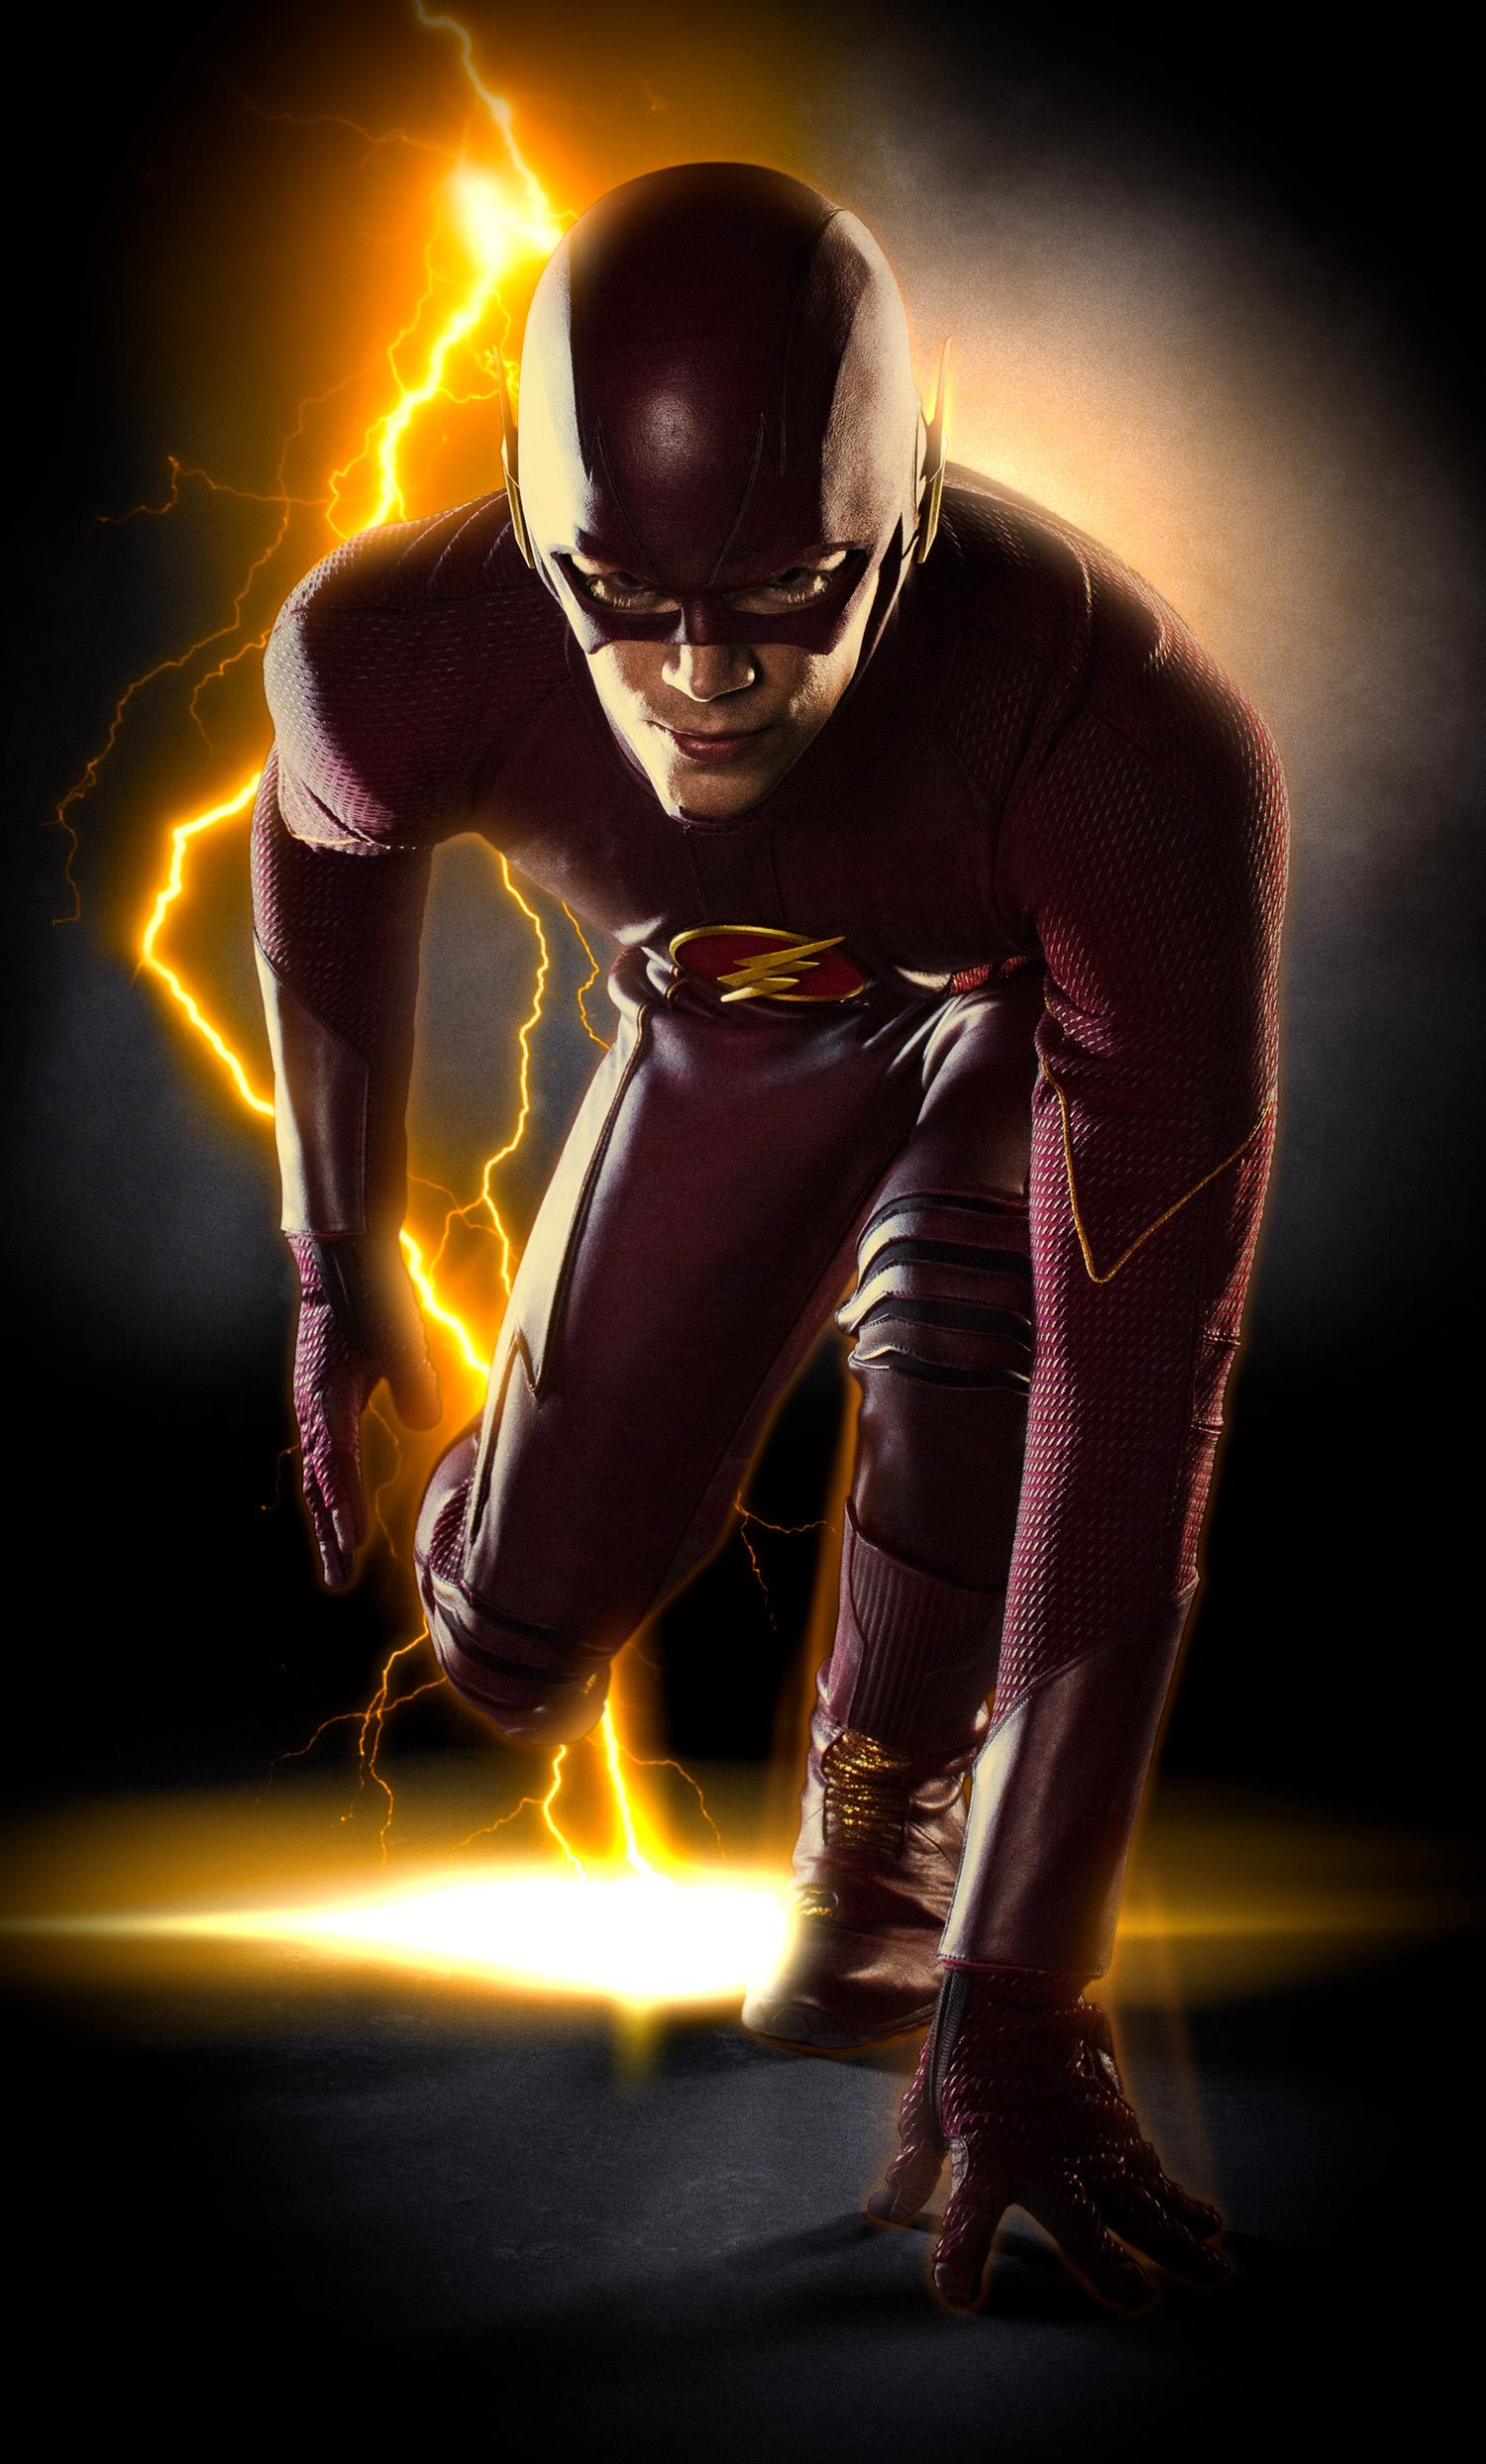 I 5 migliori gadget per appassionati della serie TV The Flash